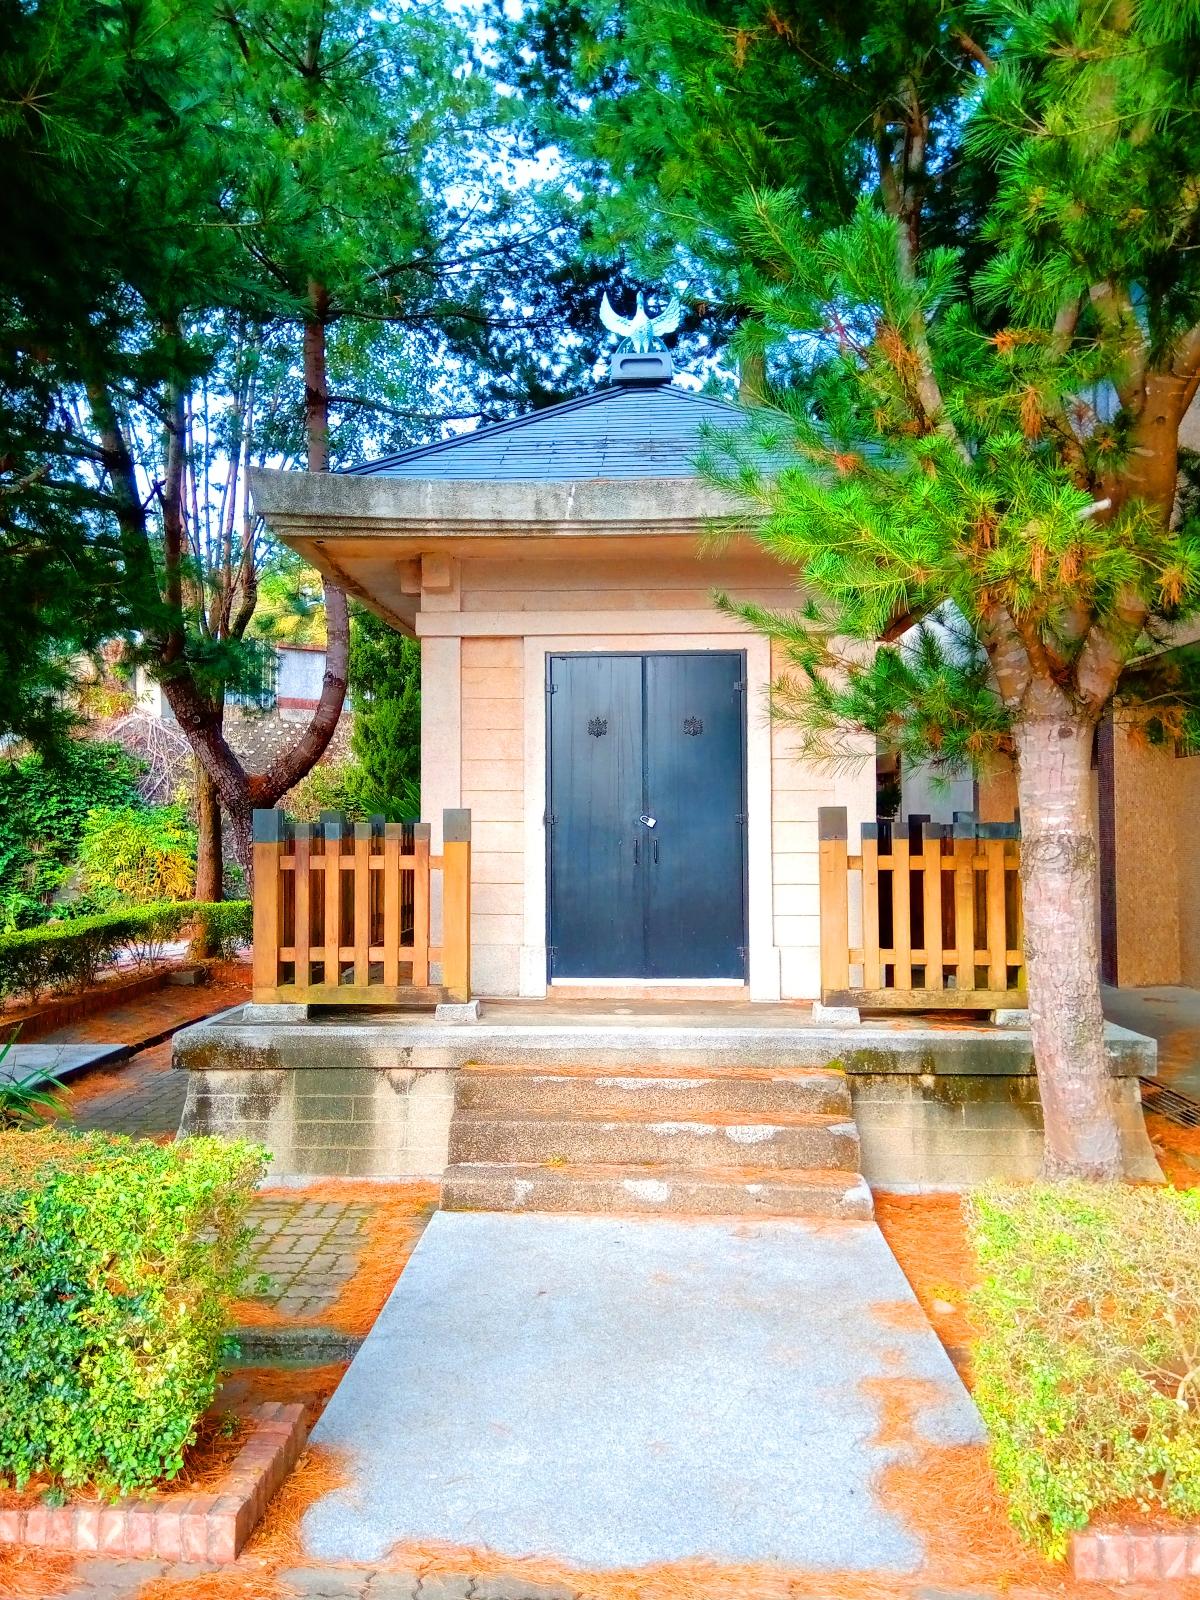 華麗絕美的日本建築 | 日本奉安殿 | 日本味 | 日本鳳凰屋頂裝飾 | 日本桐紋裝飾 | 三義 | 苗栗 | RoundtripJp